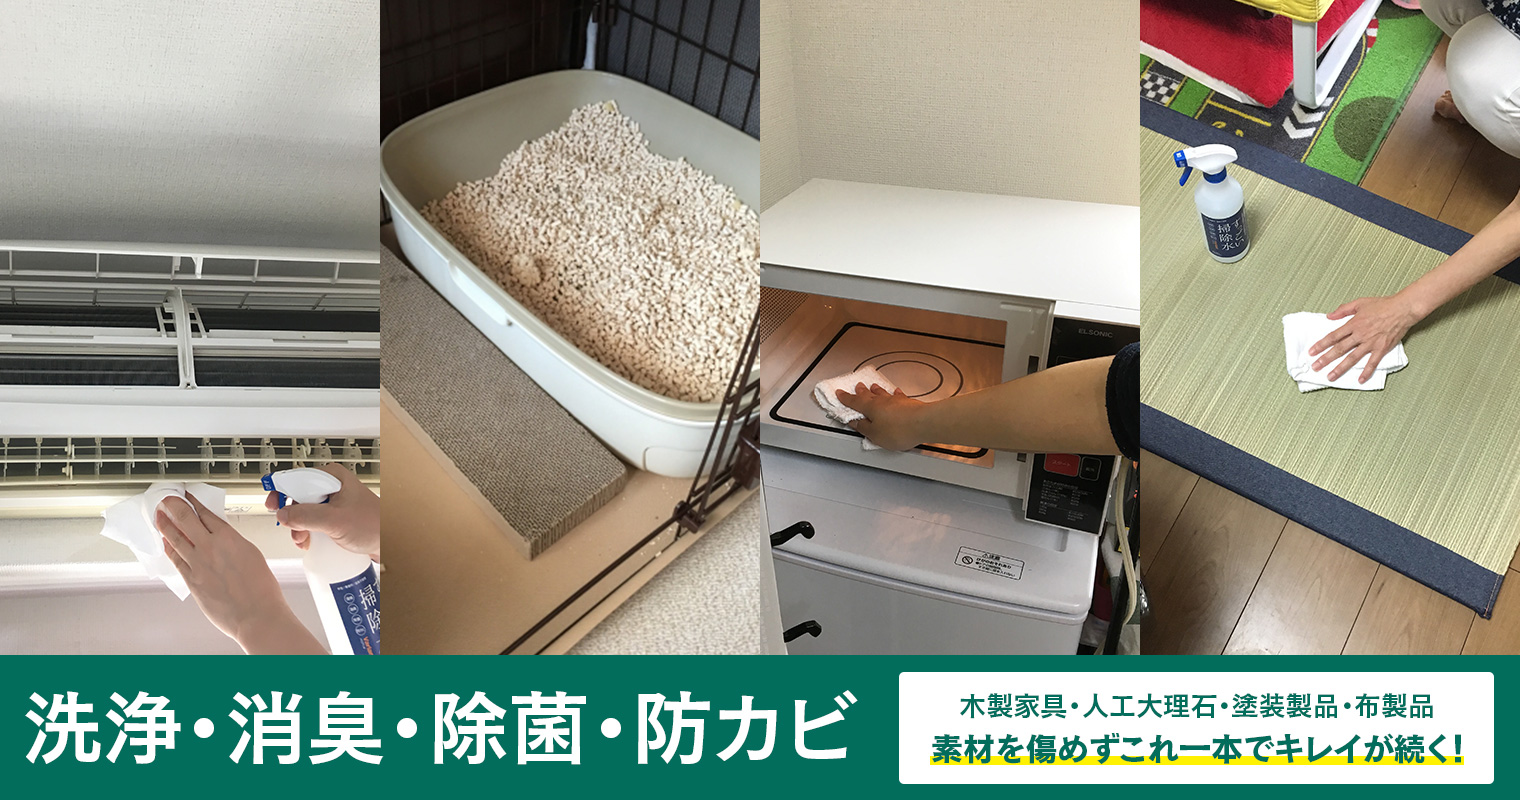 洗浄・消臭・除菌・防カビ 木製家具・人工大理石・塗装製品・布製品 素材を傷めずこれ一本でキレイが続く!